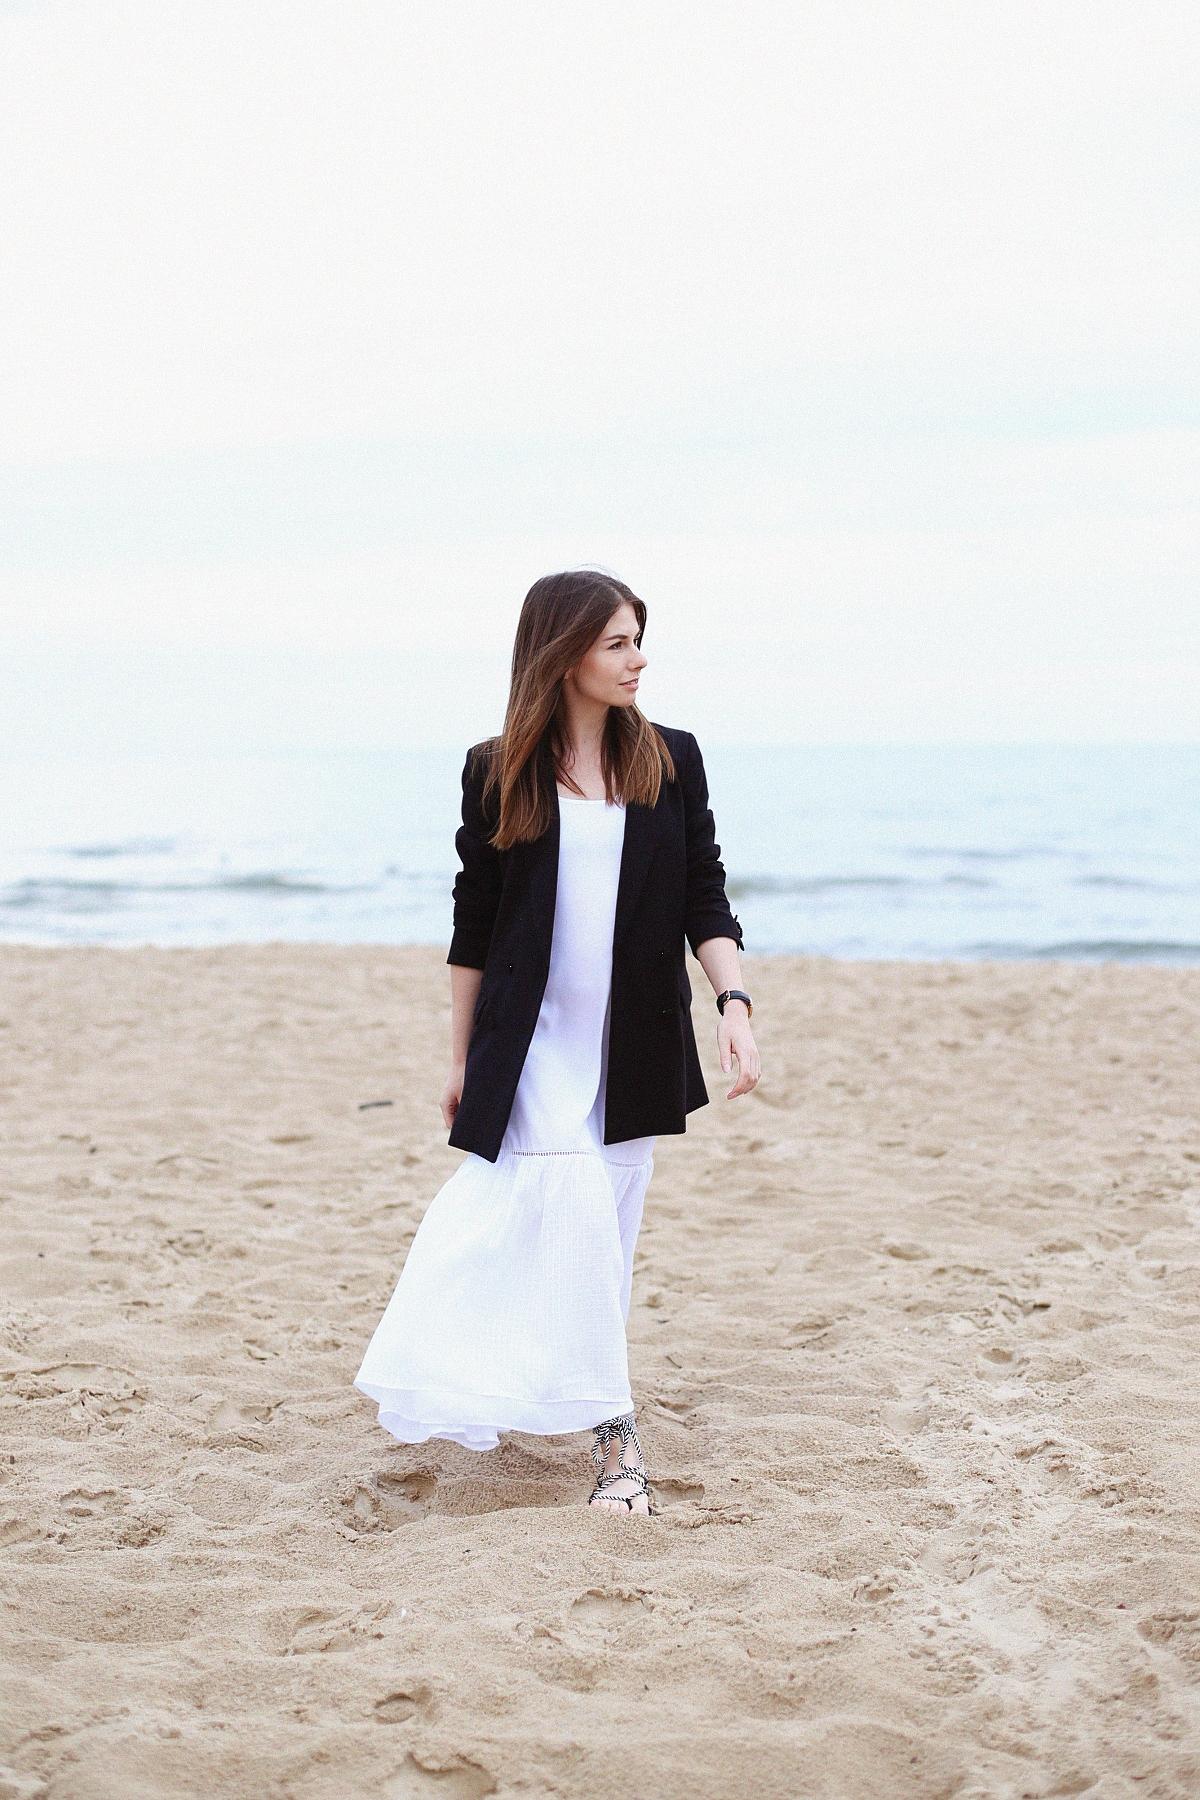 Stylizacja: biała sukienka maxi i męska marynarka